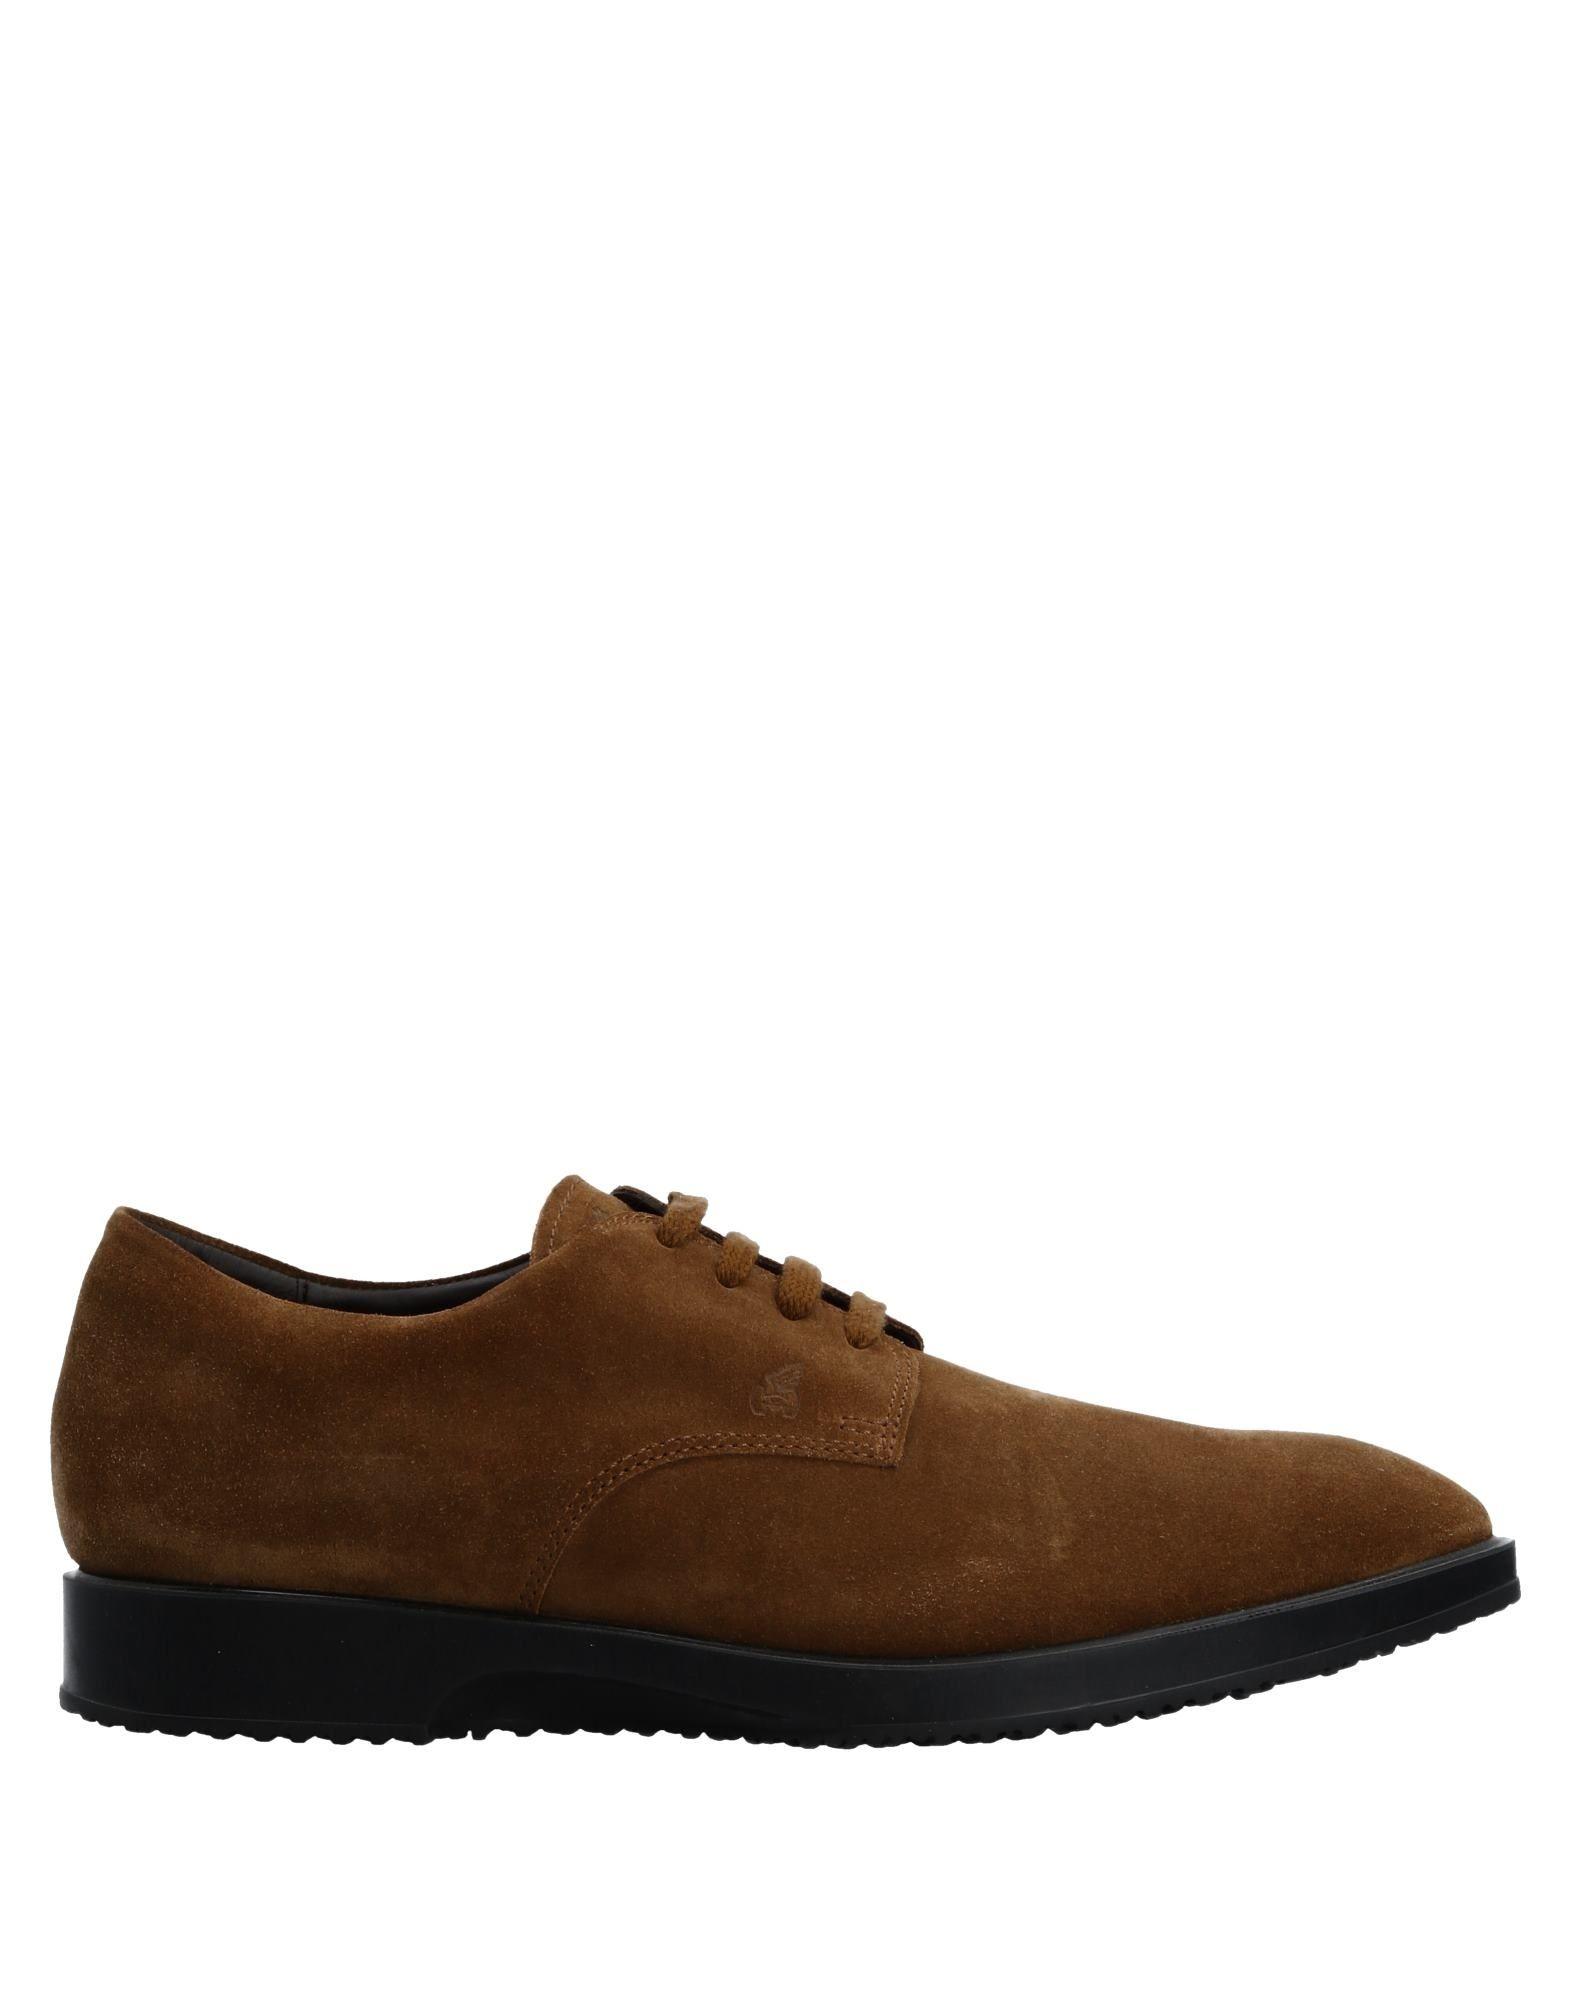 Hogan Schnürschuhe Gute Herren  11528511BA Gute Schnürschuhe Qualität beliebte Schuhe b0d968